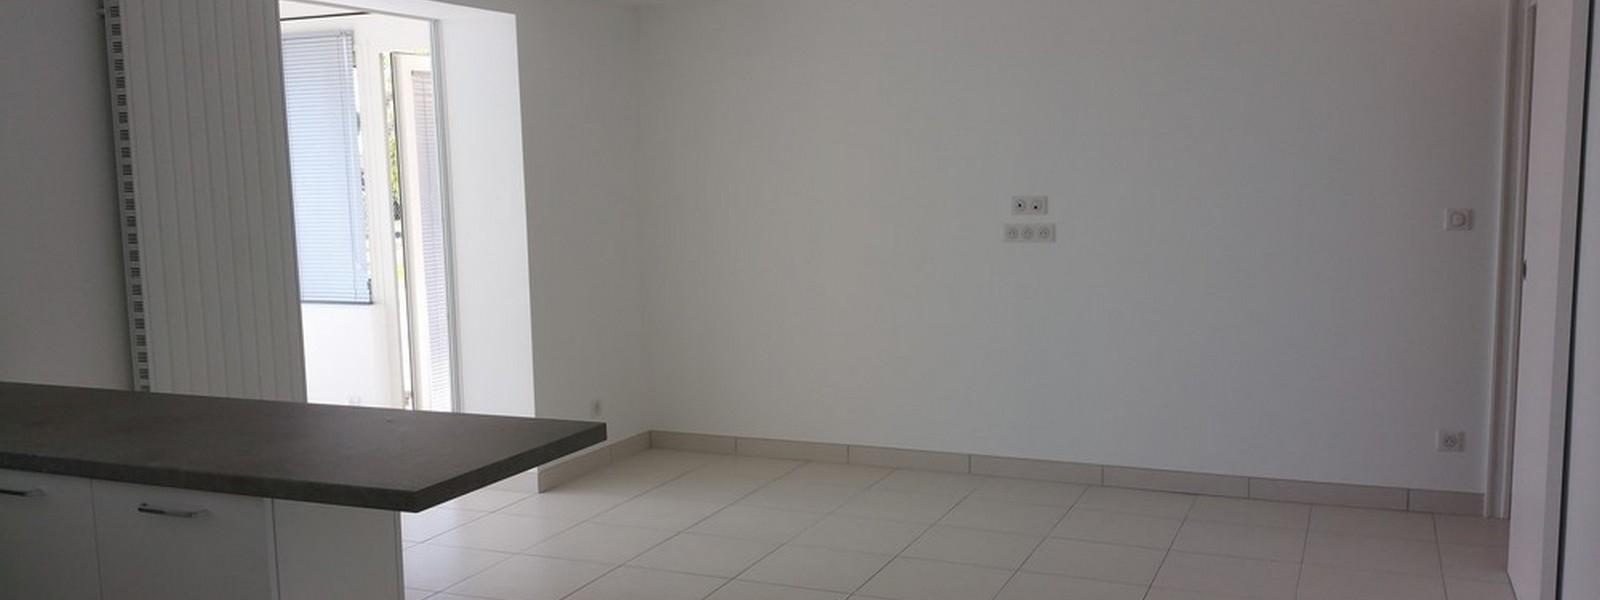 CHEMIN DES PUGINS - Appartements en copropriété - Visuel 1 - Impact immobilier 01